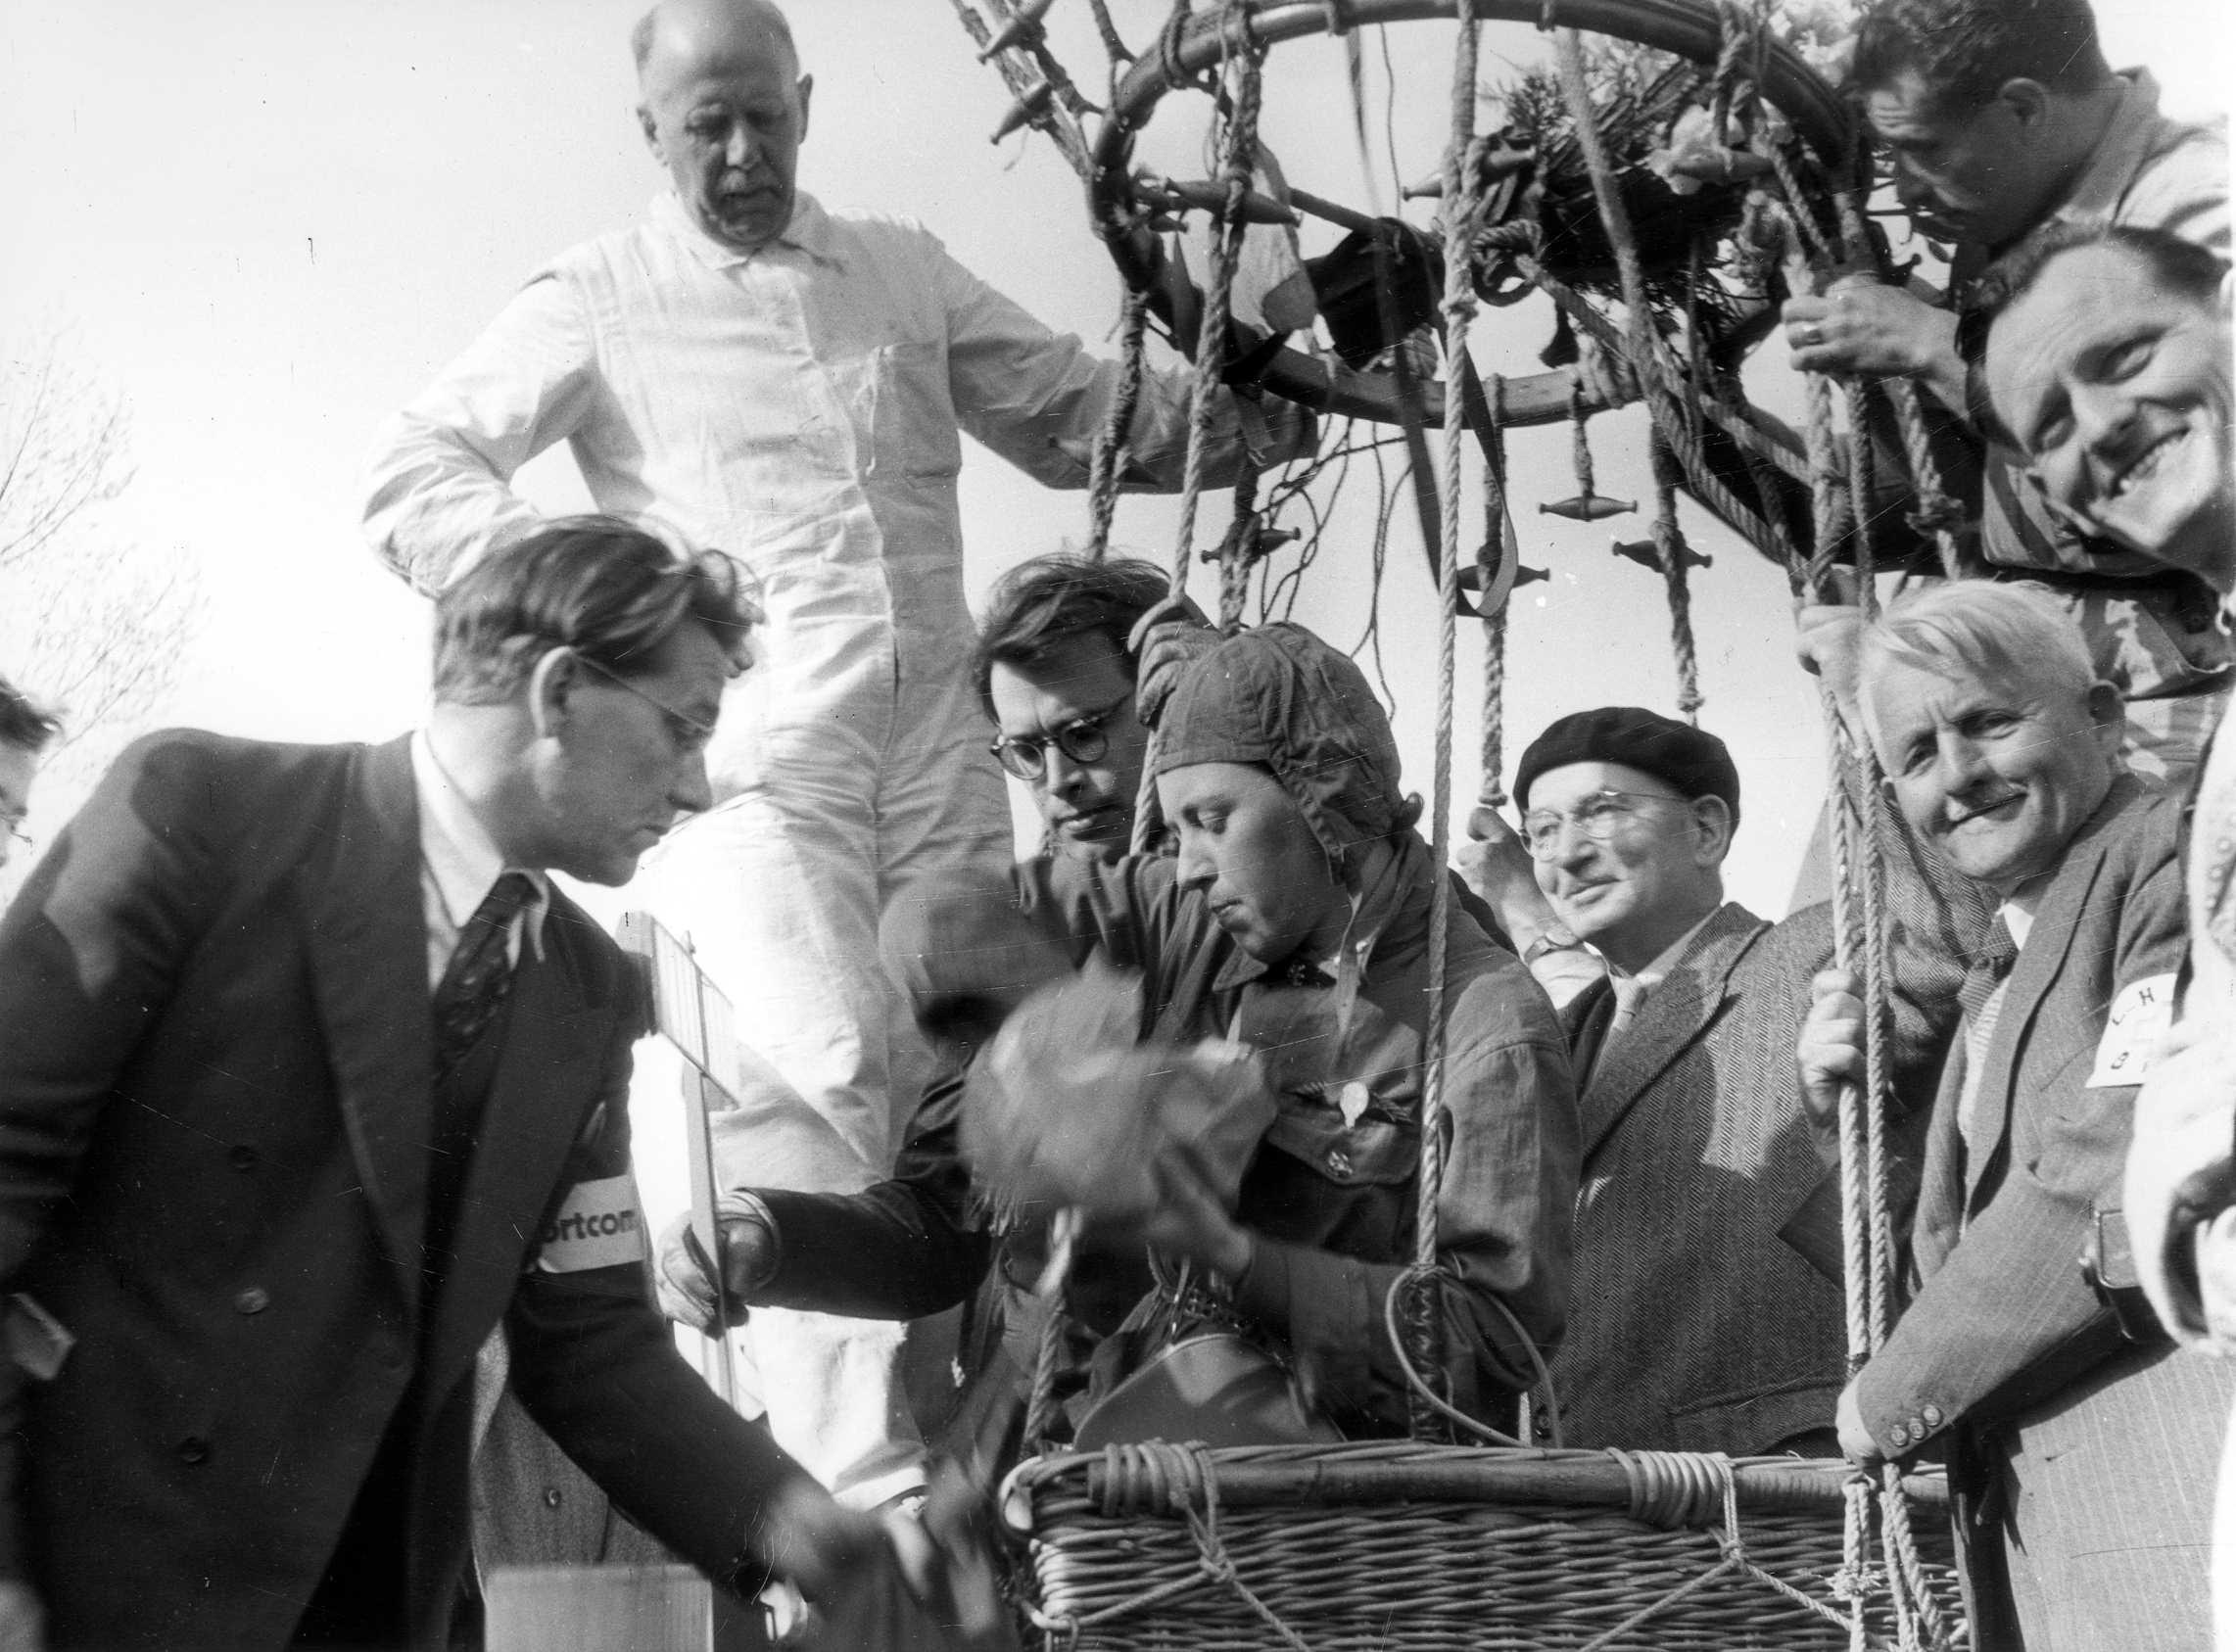 In Godfried Bomansjaar een film, schaaktoernooi, expositie en lezingen. 'Bomans' taalgebruik en humor zijn het waard om blijvend bij stil te staan'